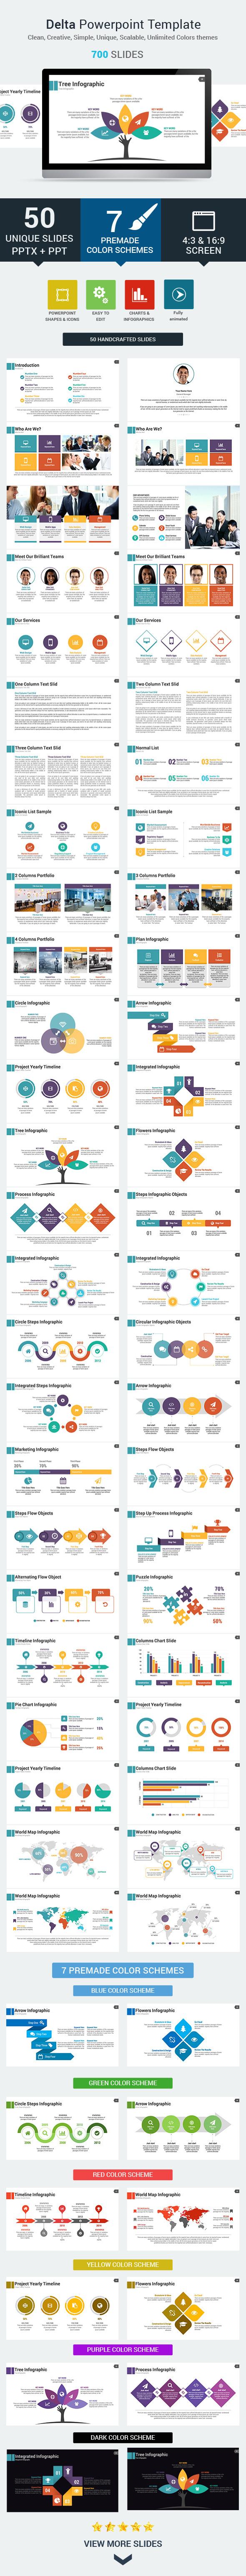 Delta PowerPoint Presentation Template - PowerPoint Templates Presentation Templates